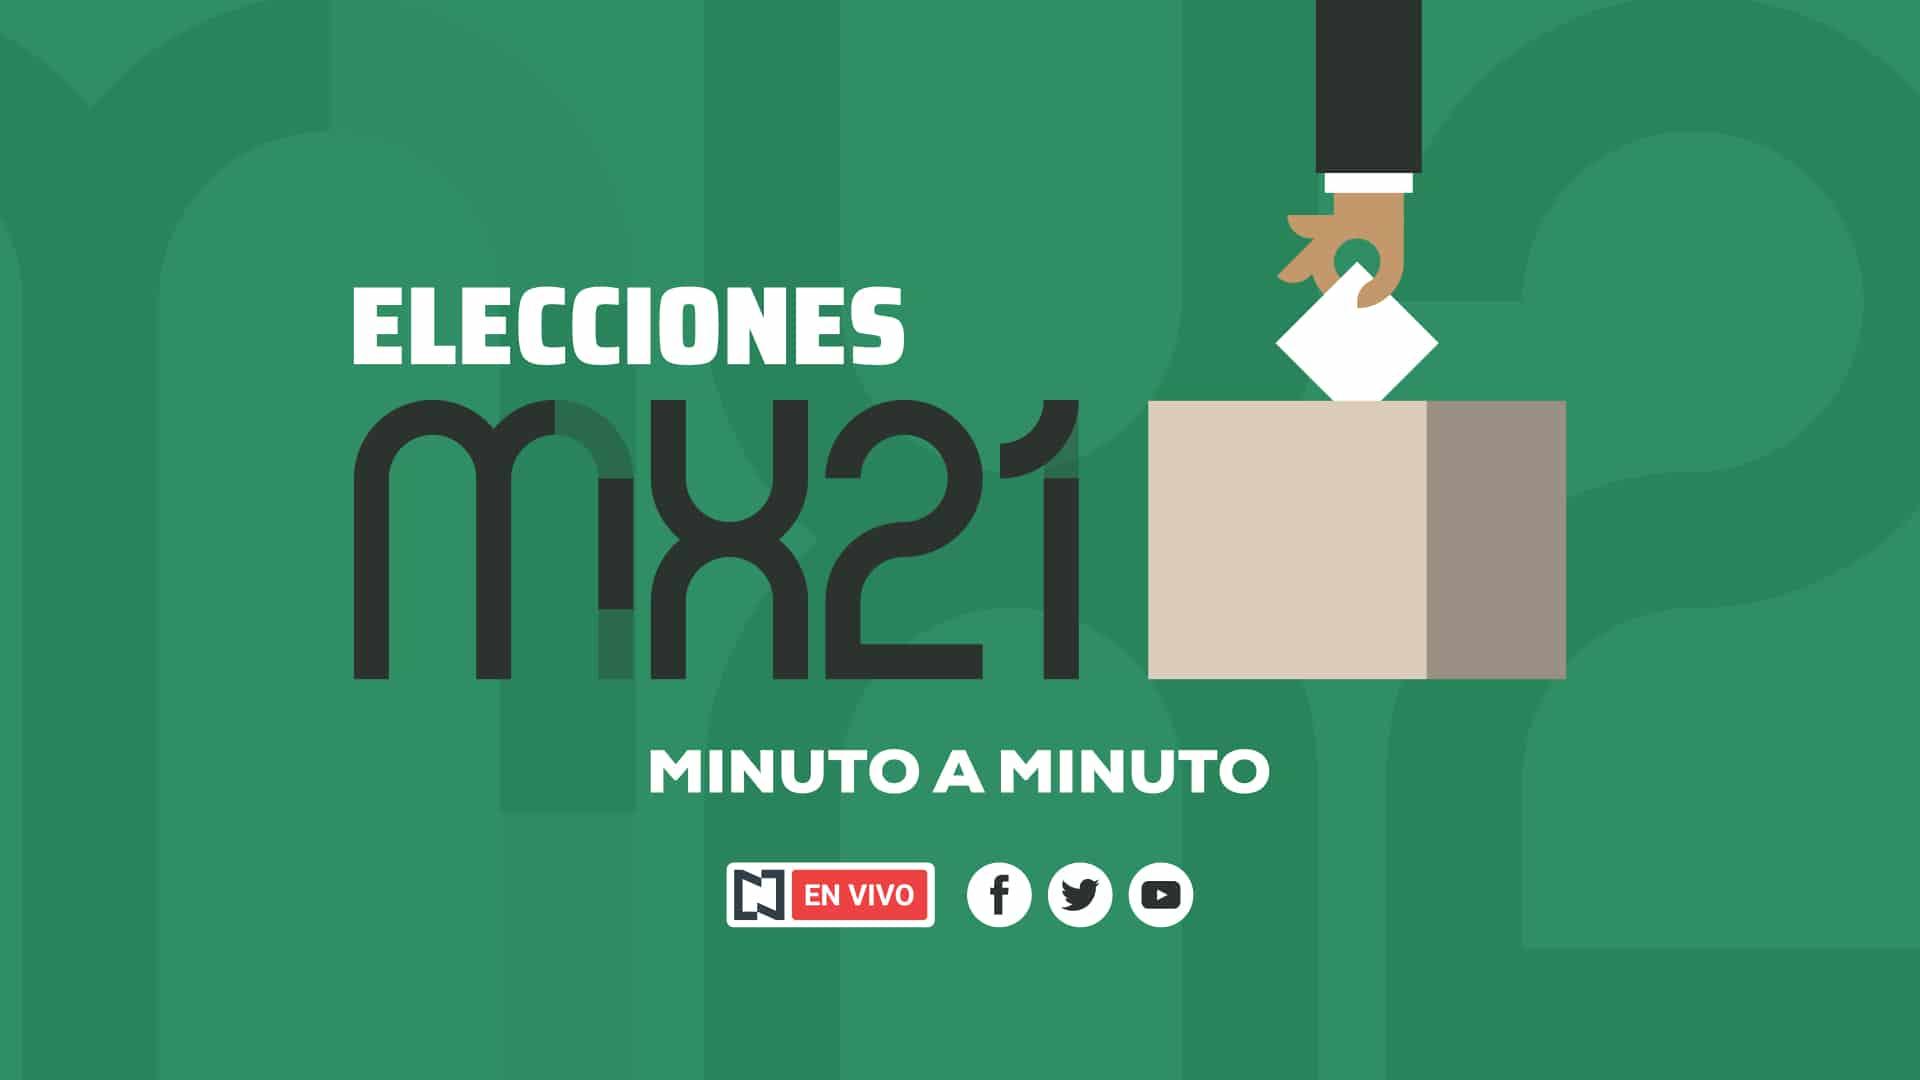 Elecciones 2021 en México, minuto a minuto